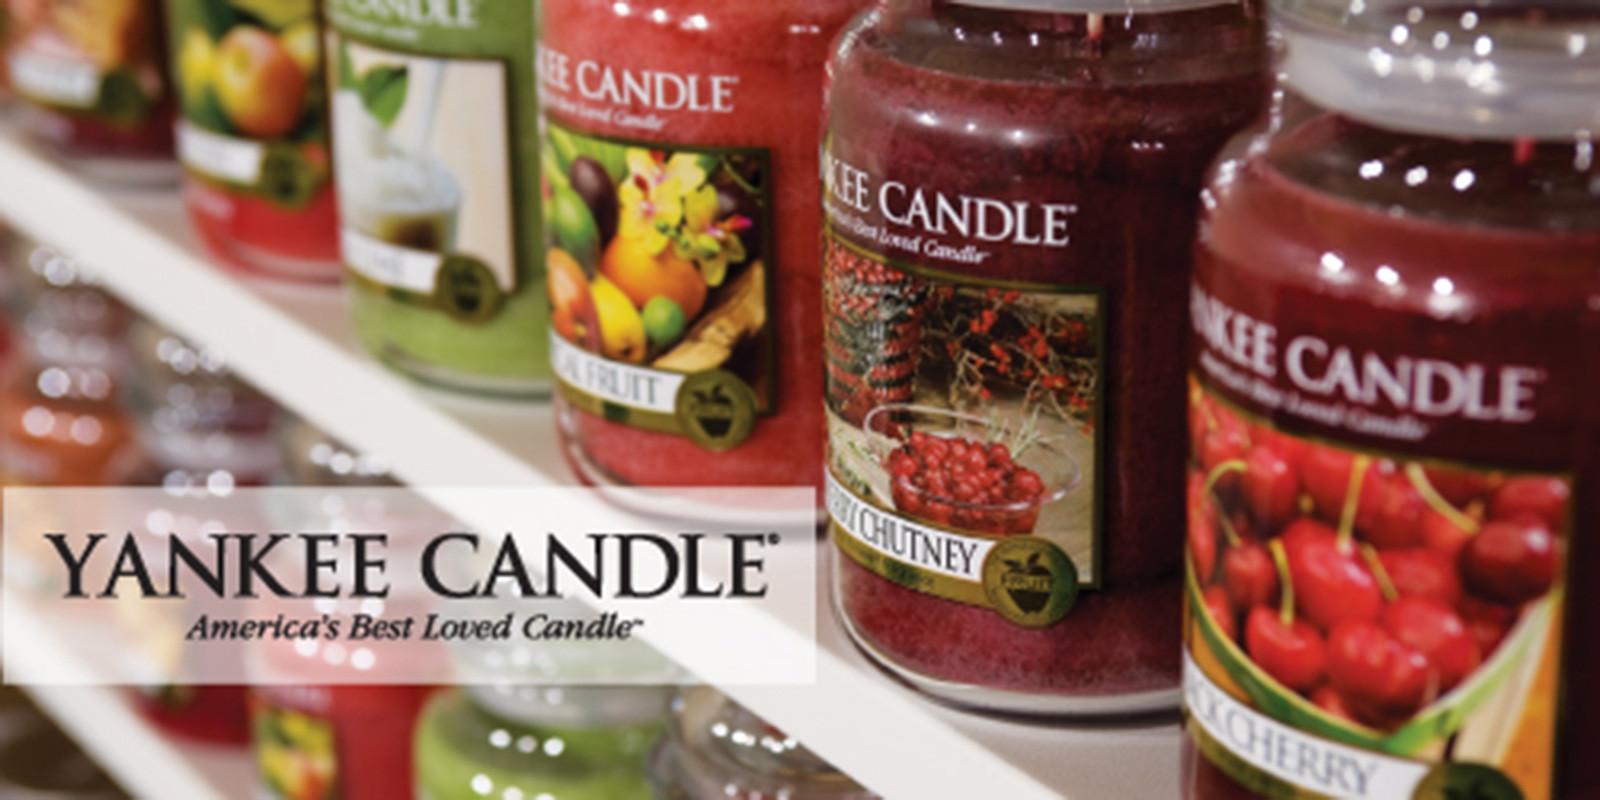 Arredare la tua casa con gusto idea pazza arredamento e for Mobili yankee candle